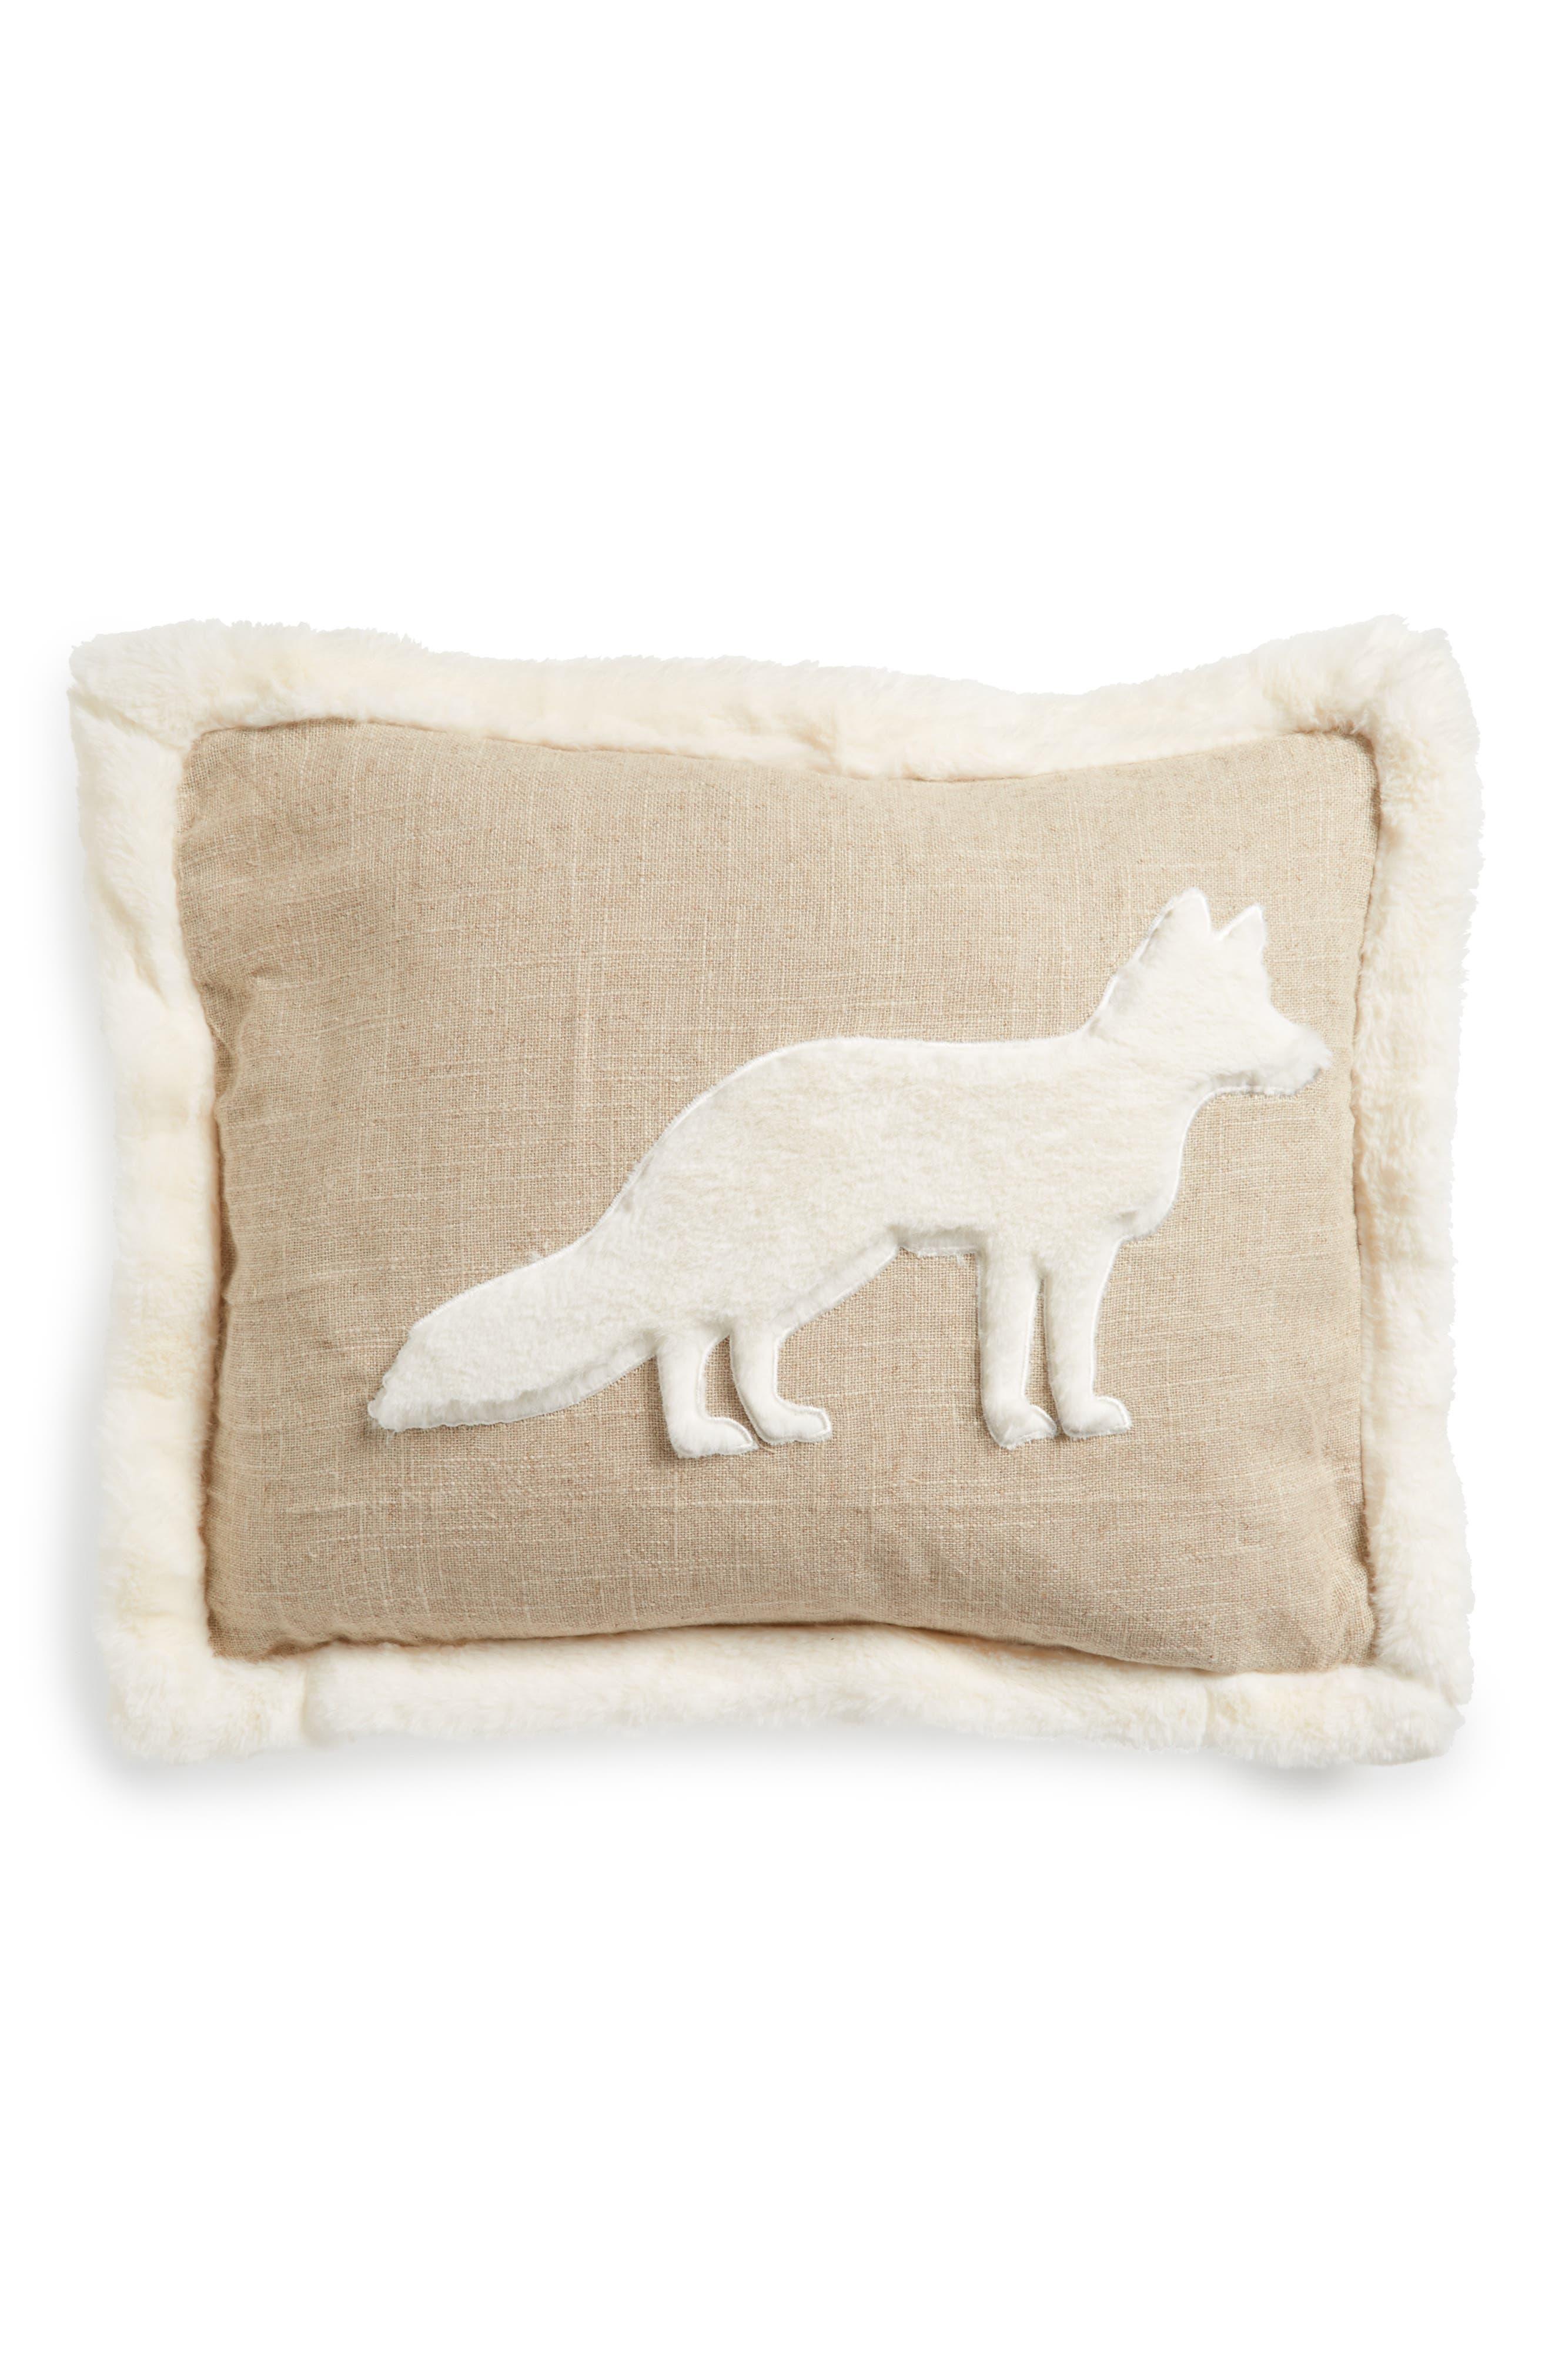 Levtex Fleece Fox Pillow